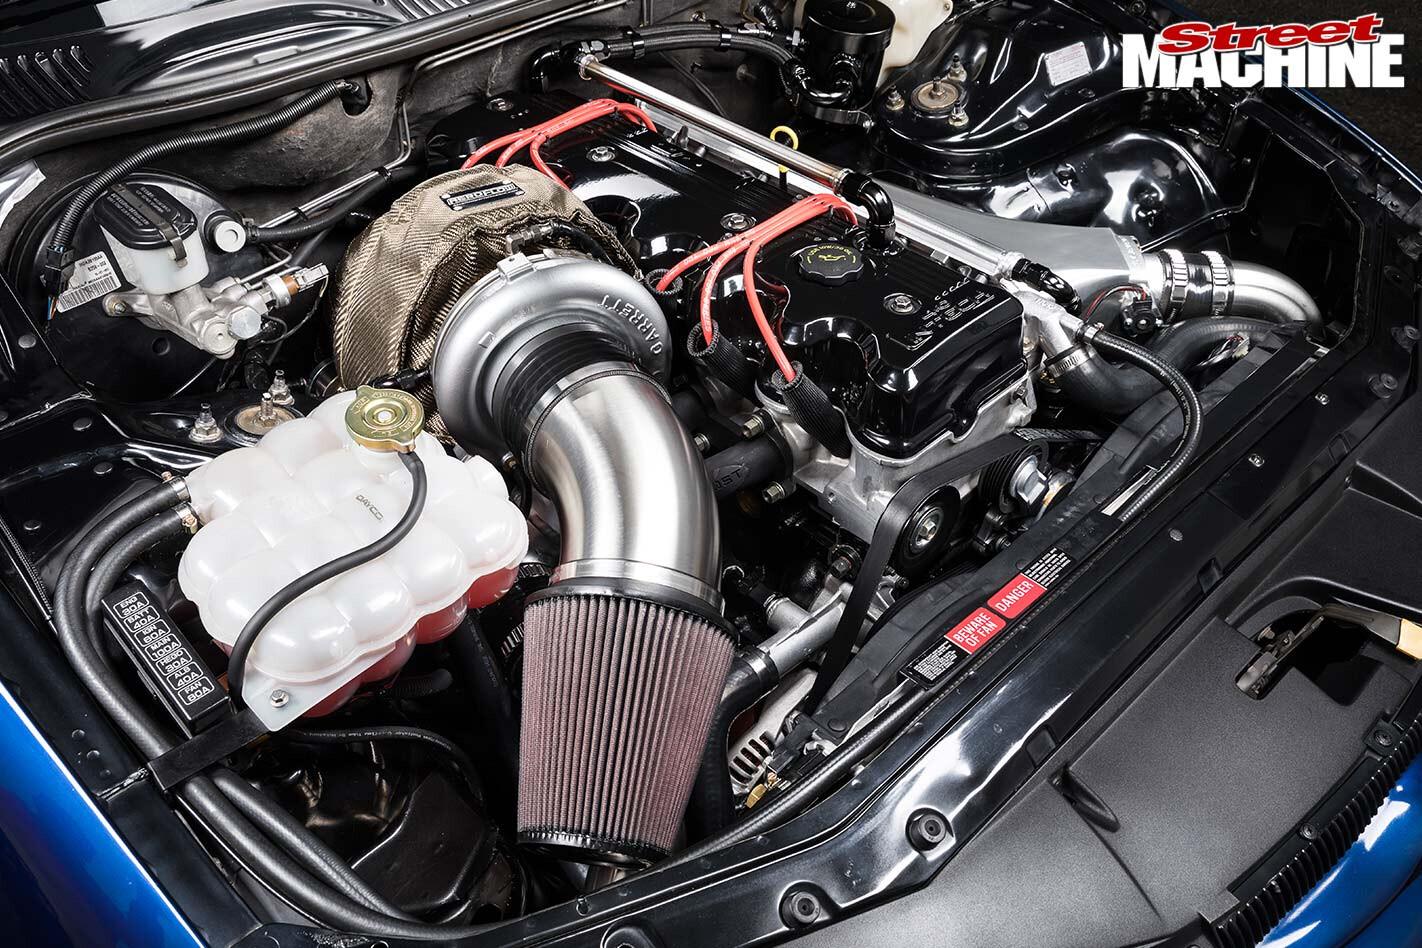 Ford Falcon EL engine bay